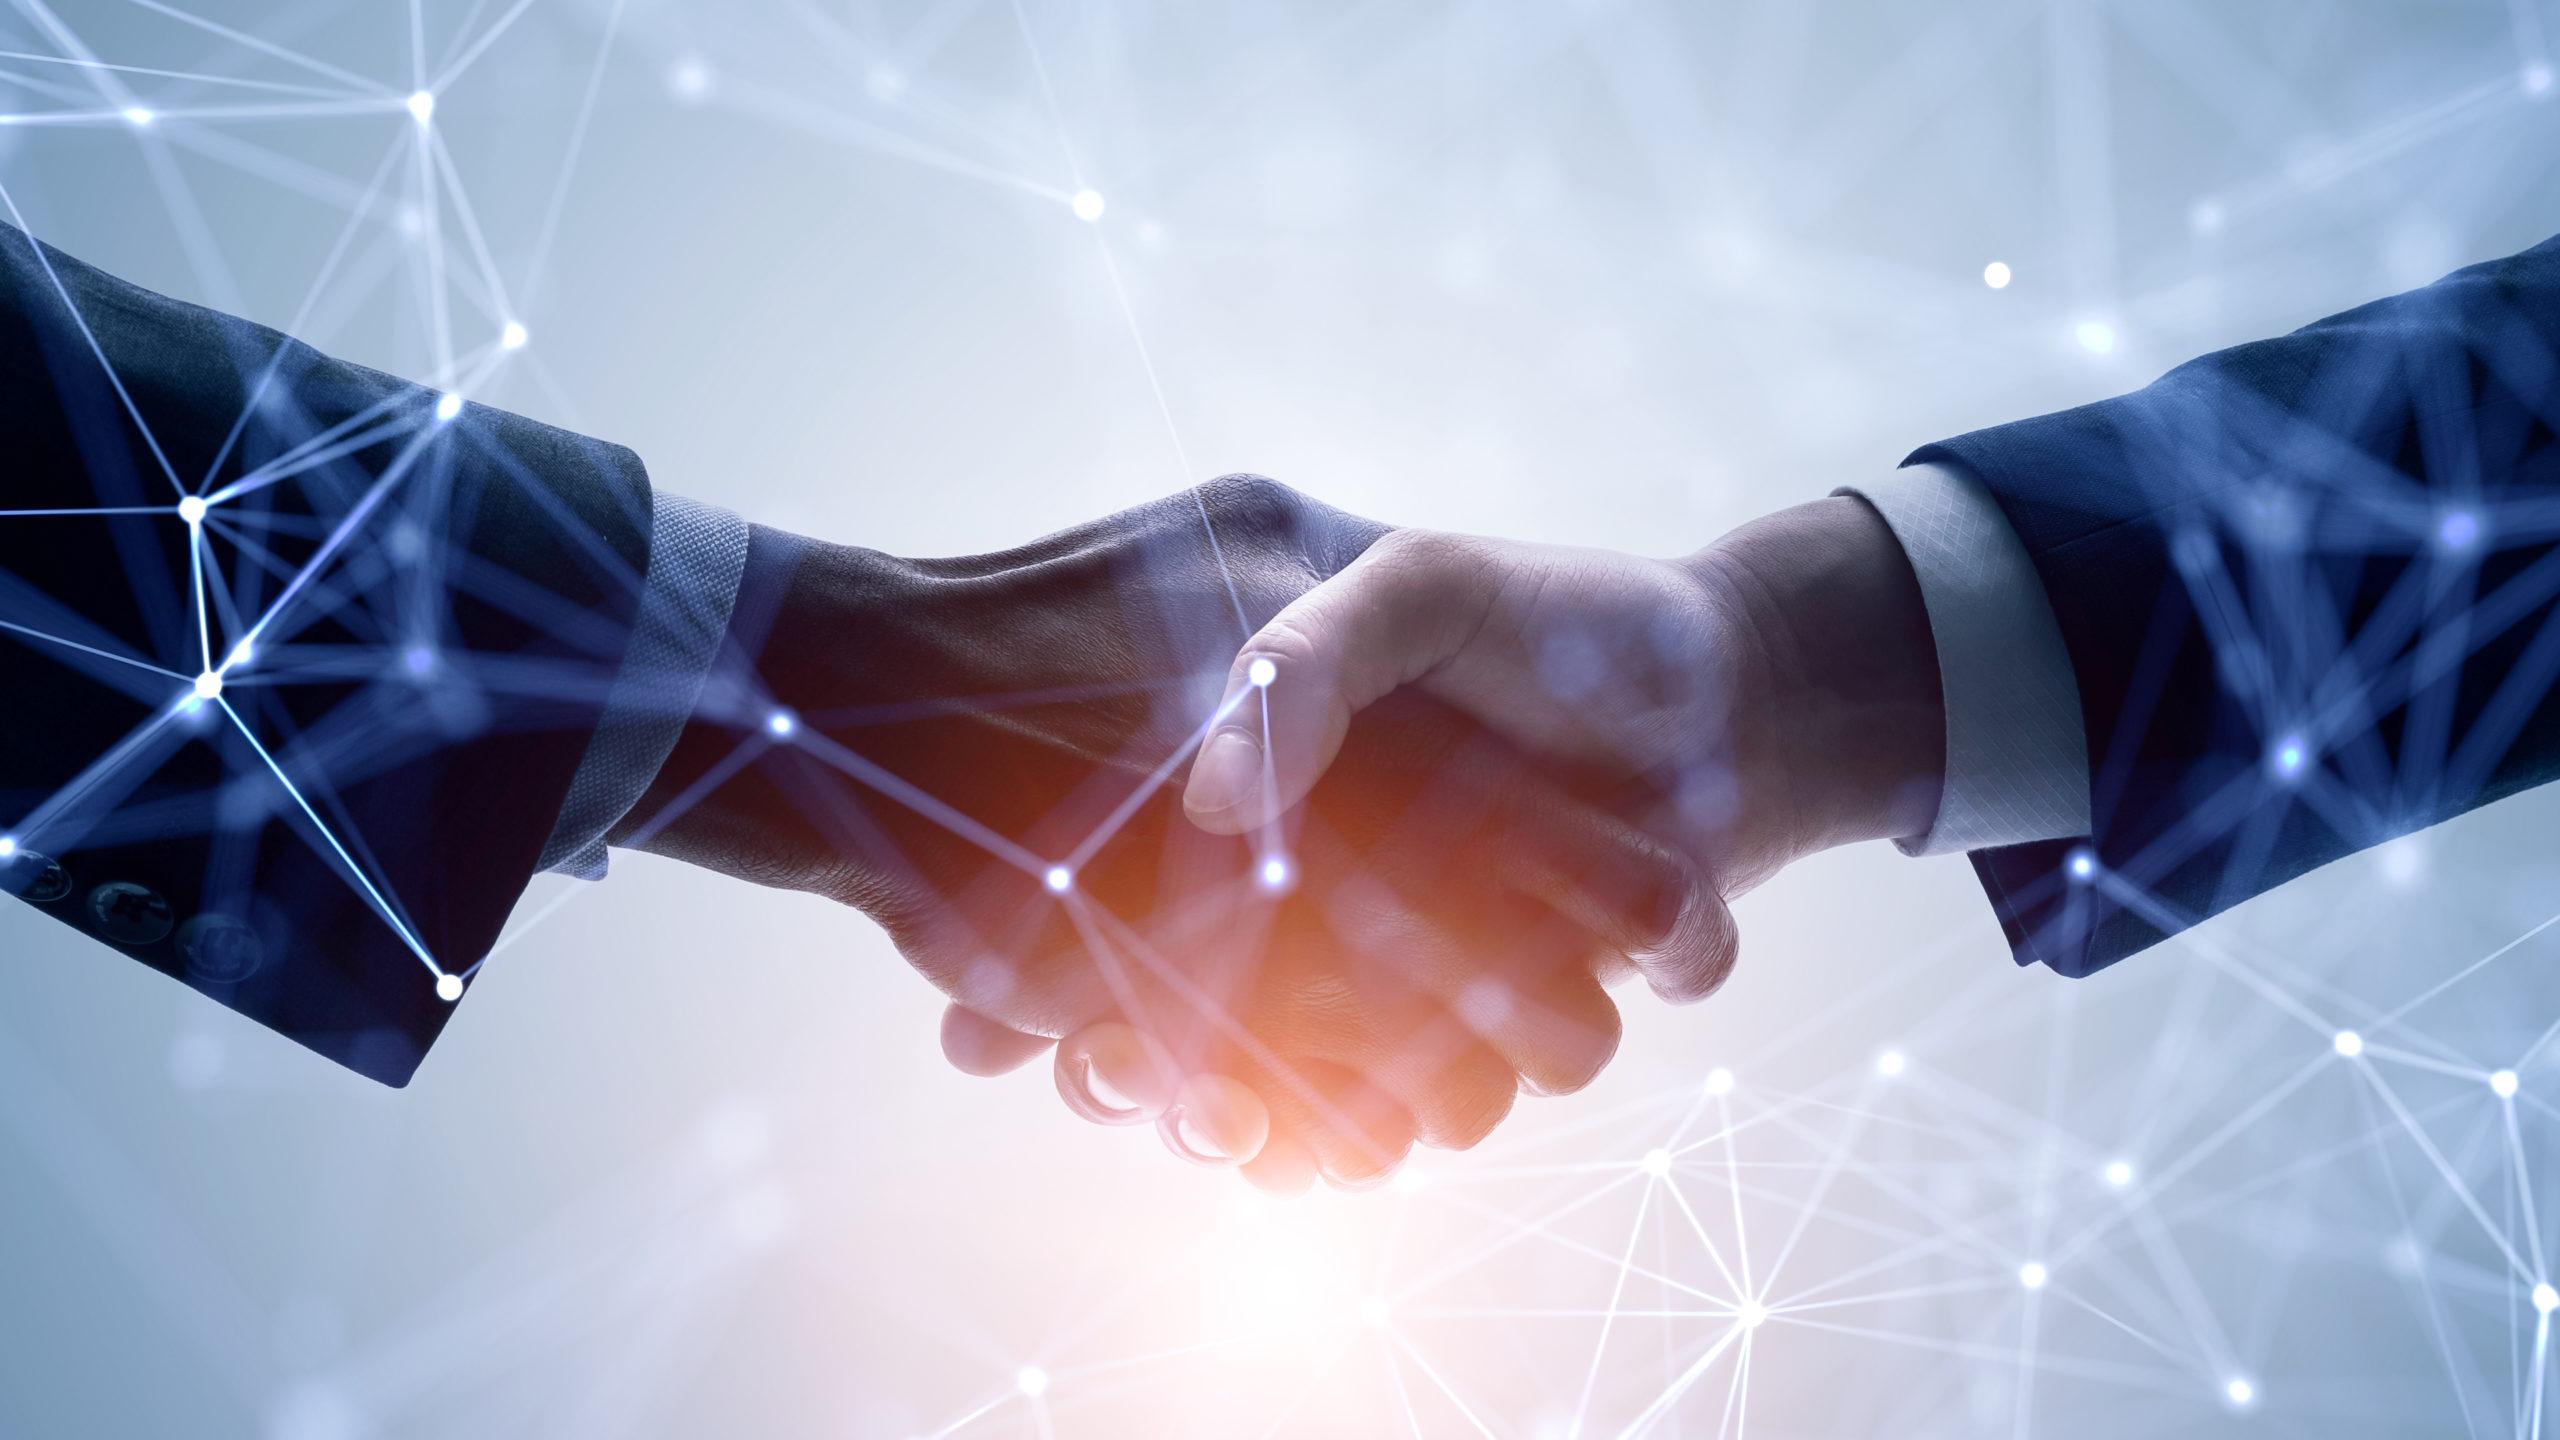 """Masterarbeit """"Zukunftsrelevante Kompetenzen von Einkäufern und Supply Chain Managern"""""""